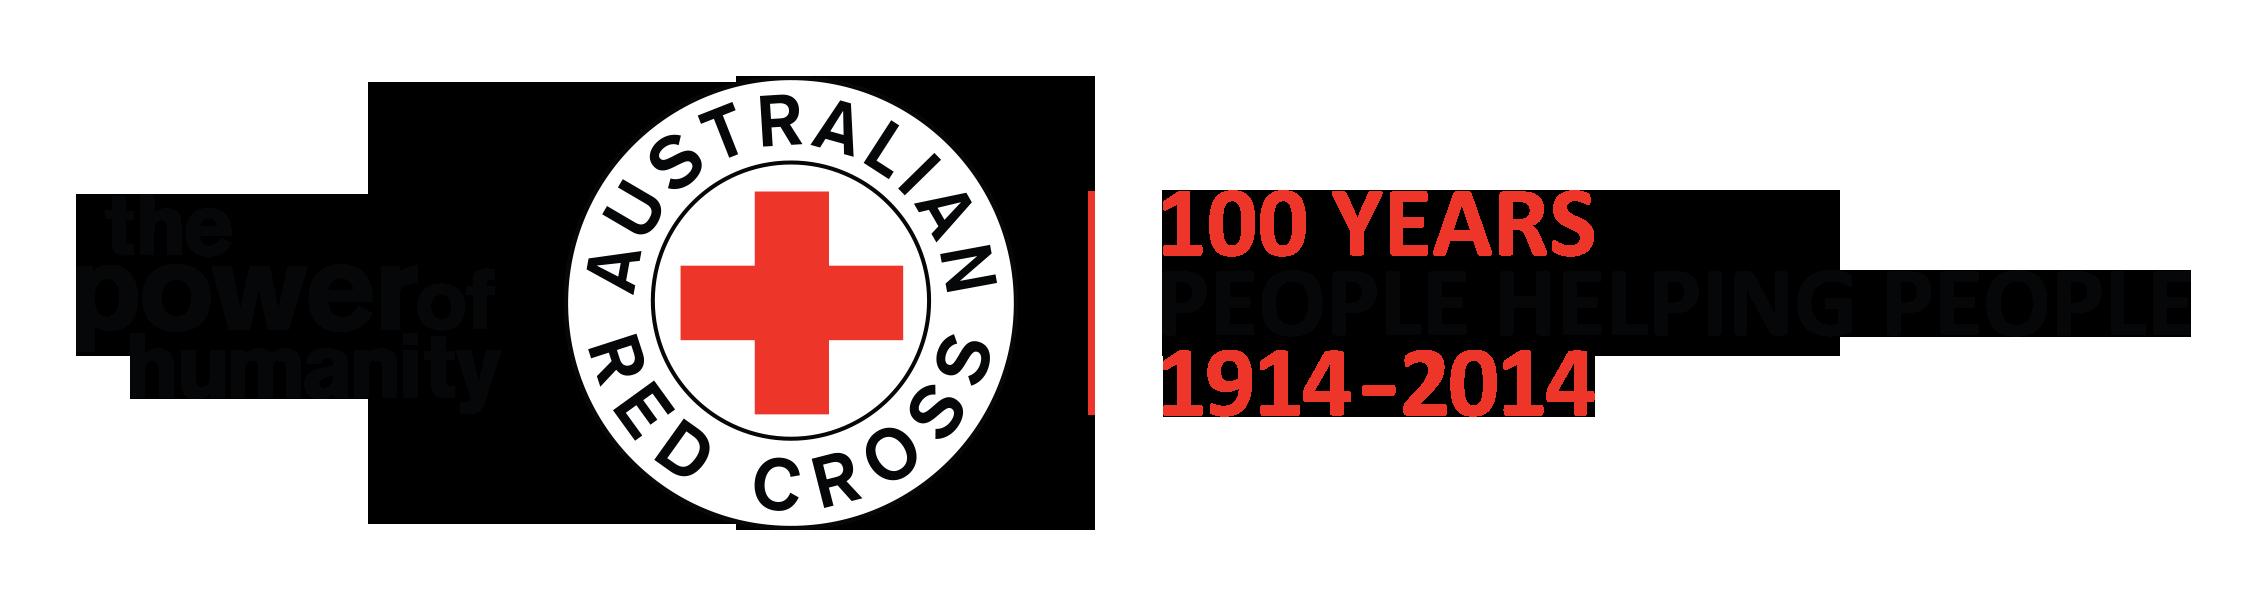 Centenary_logo.png